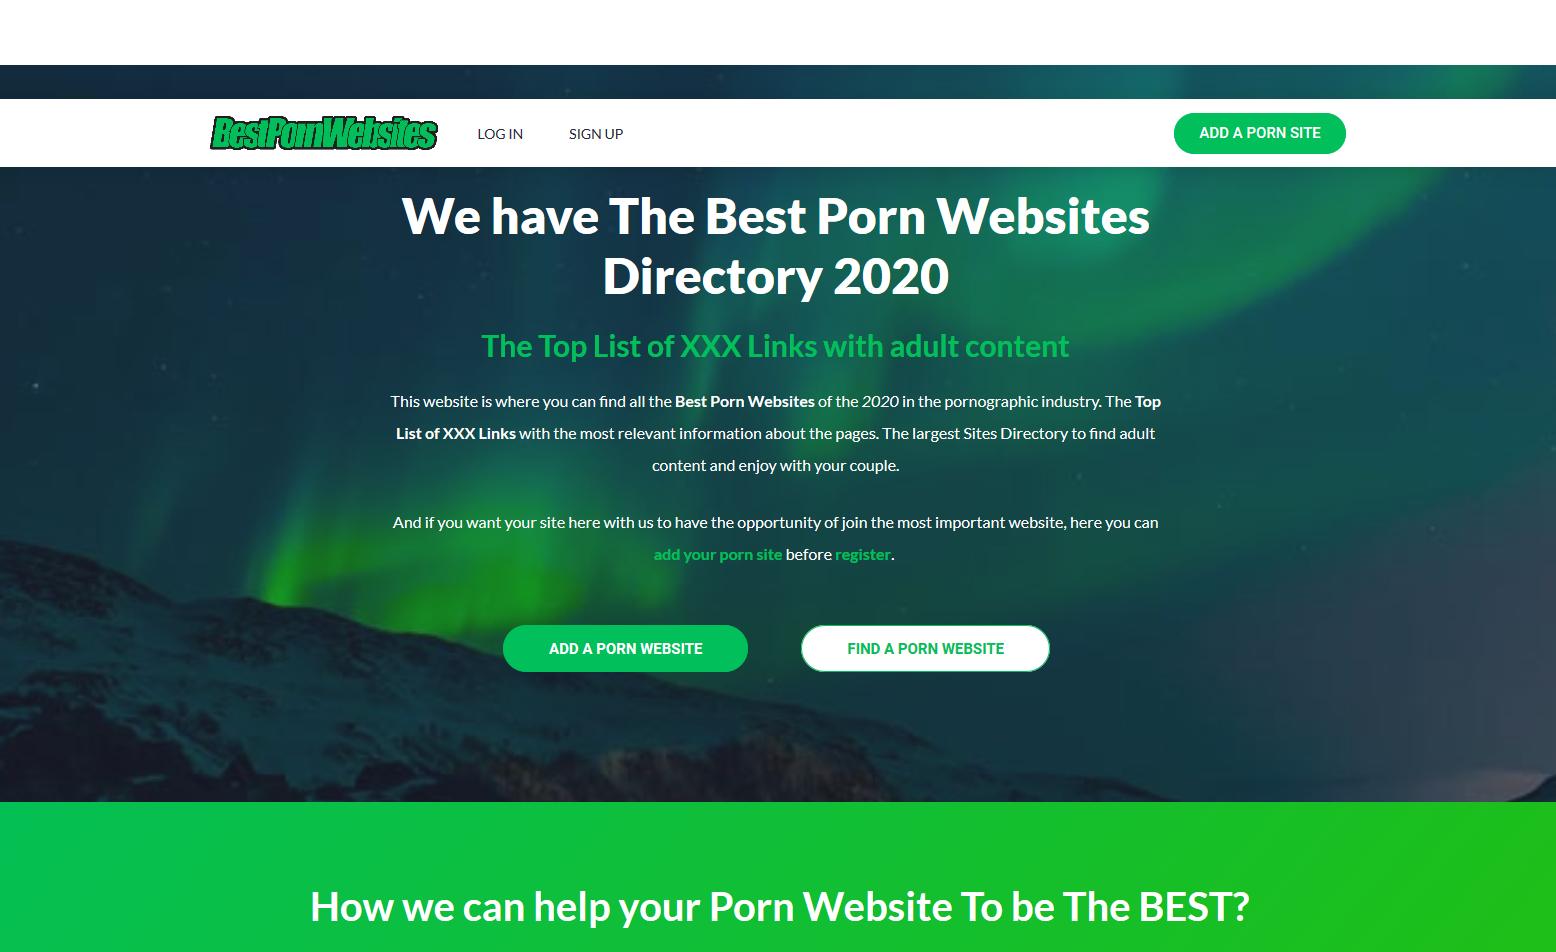 BestPornWeb.sites